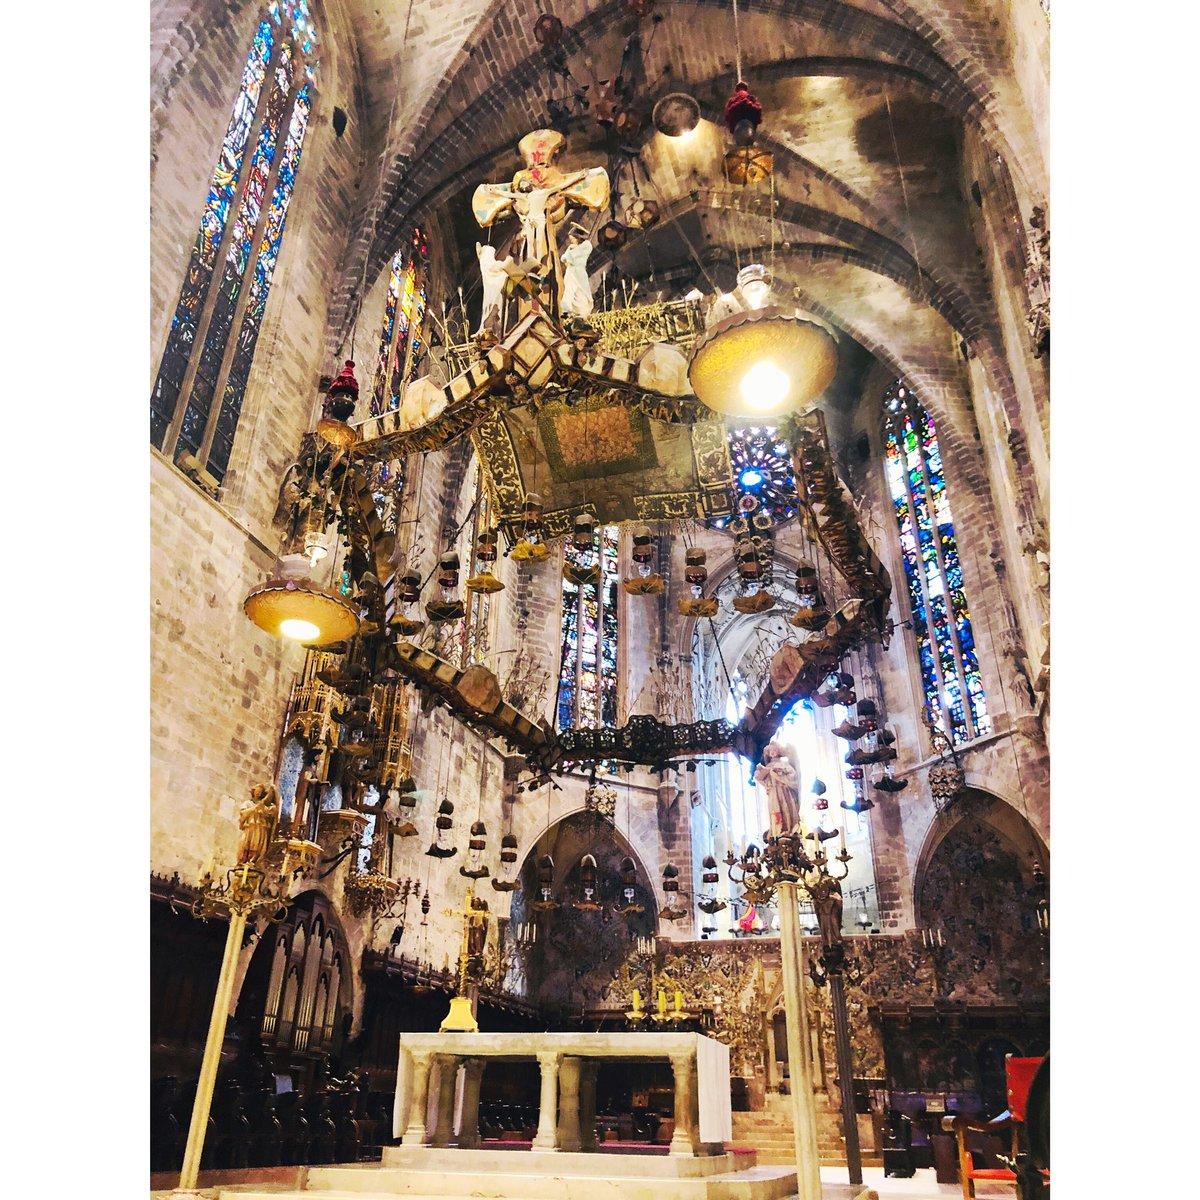 マヨルカ大聖堂 マヨルカ島、パルマにあるカテドラル ガウディが改修計画をしたんです。 天蓋が他にあまりないタイプで、ここには載せてないけど、この祭壇の右側にある特徴的なステンドグラスと魚モチーフの壁面装飾がとても美しかった。